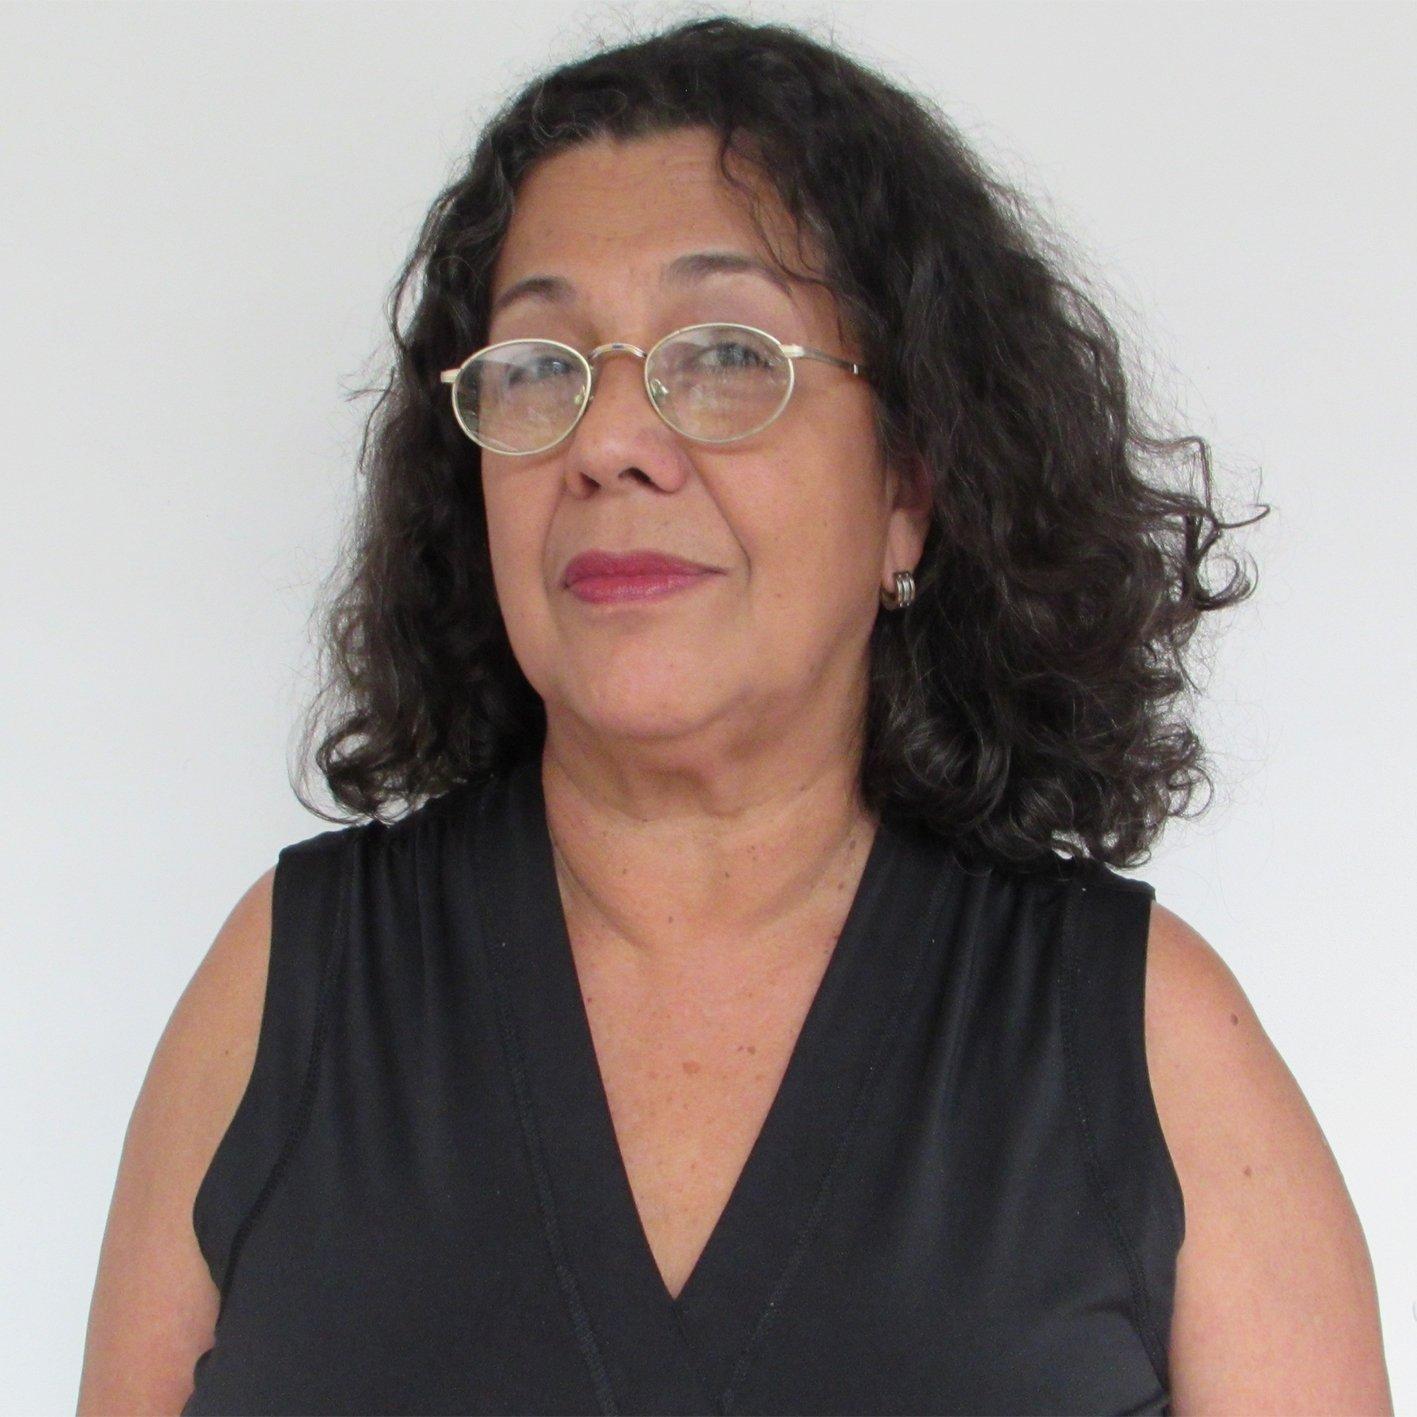 Mariela Torrealba